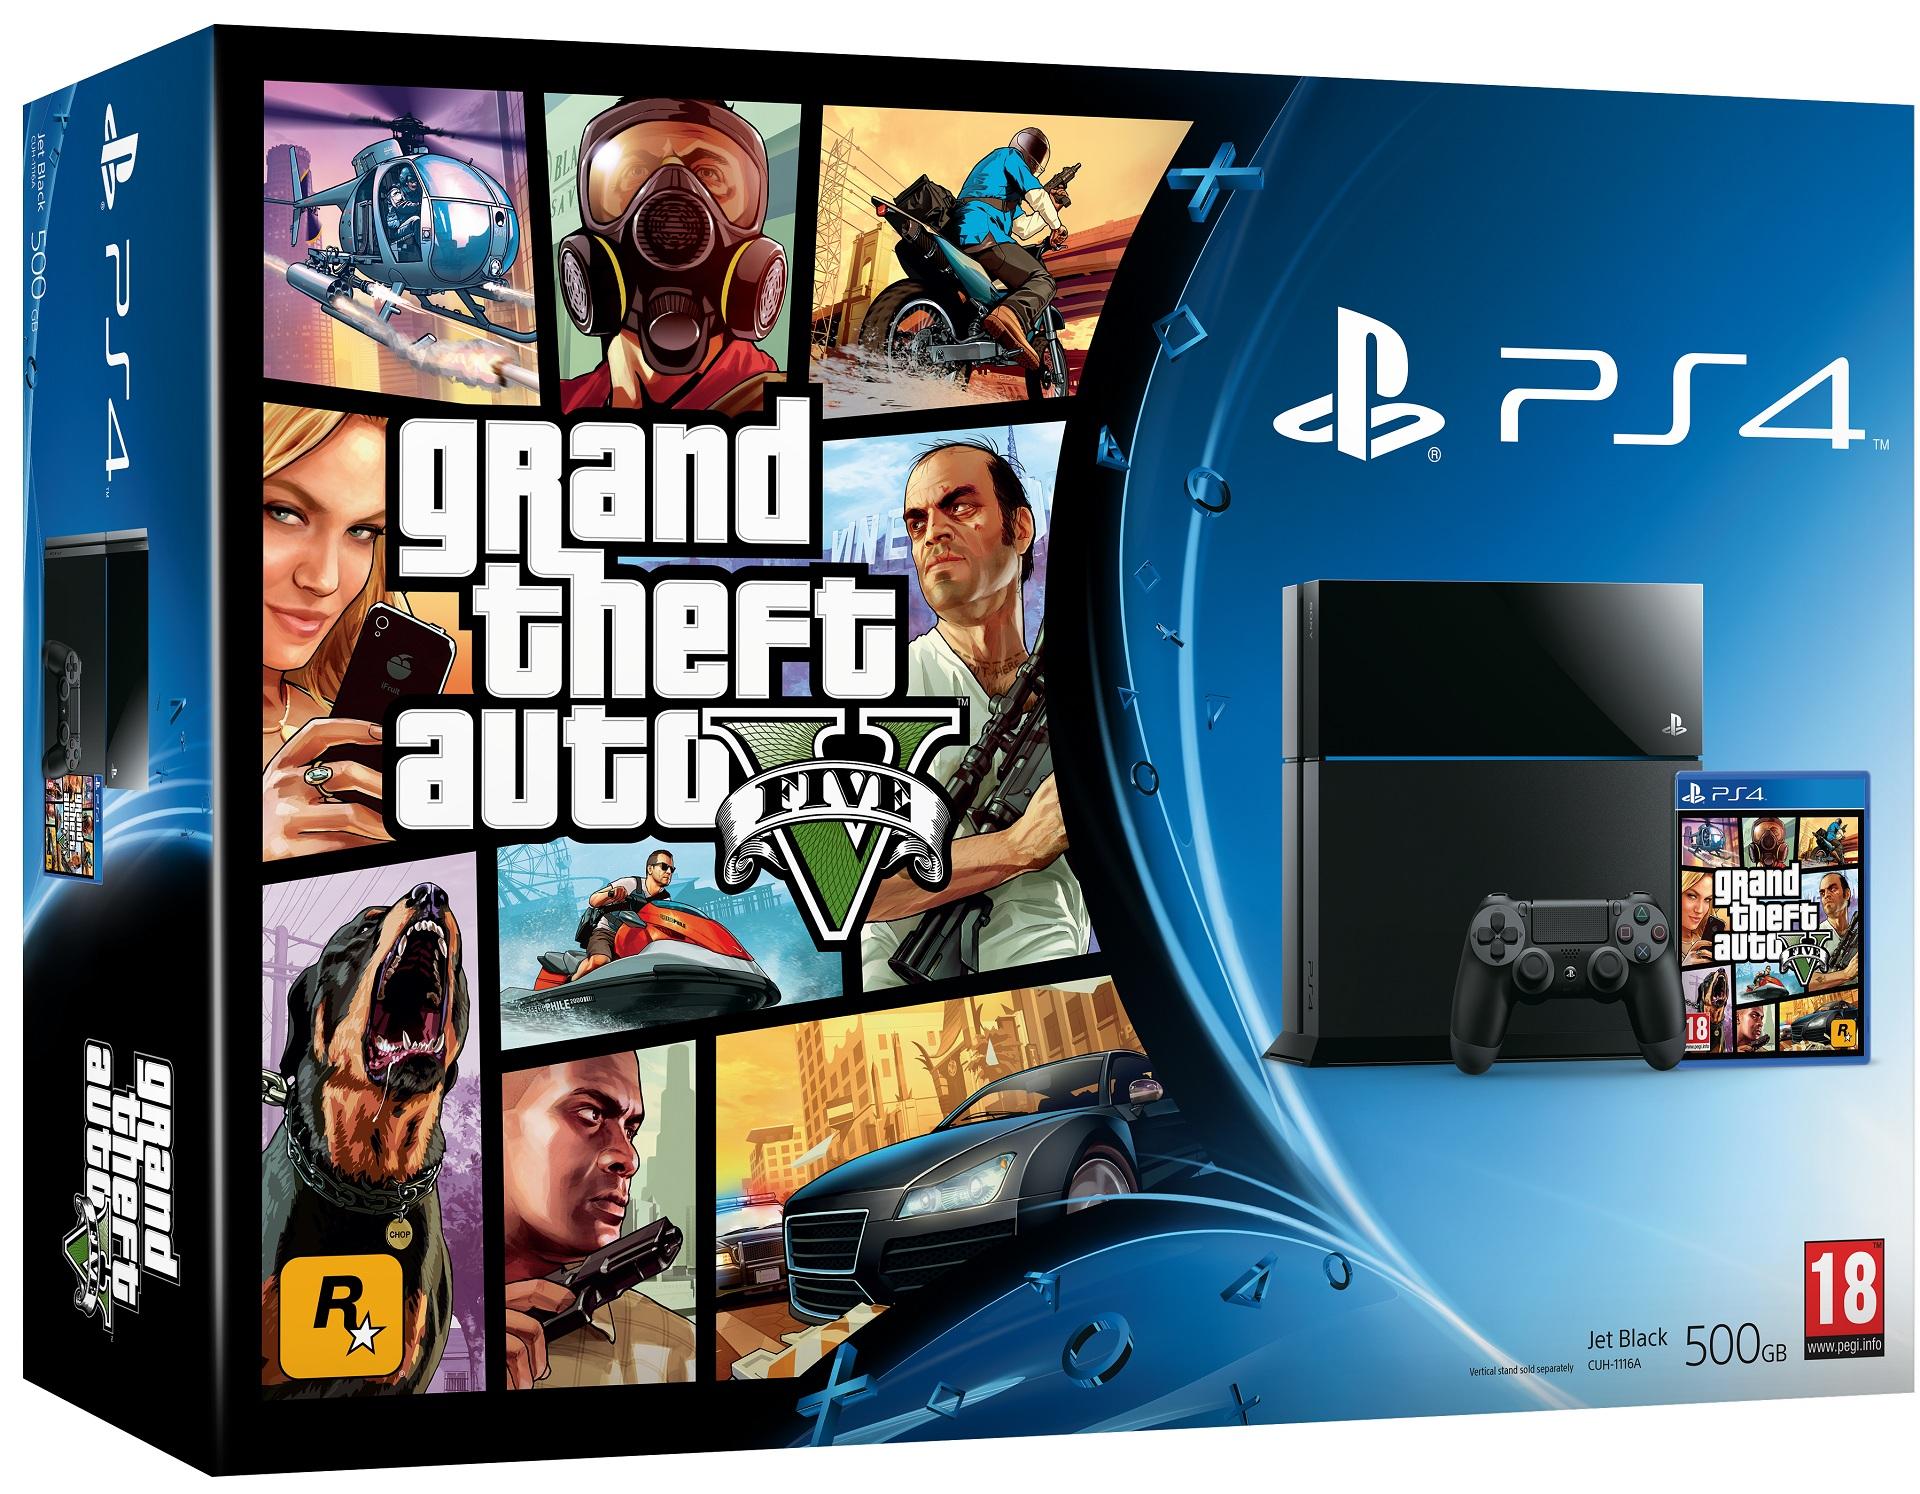 Destiny Bundles heizen Verkauf von Playstation 4 und Xbox